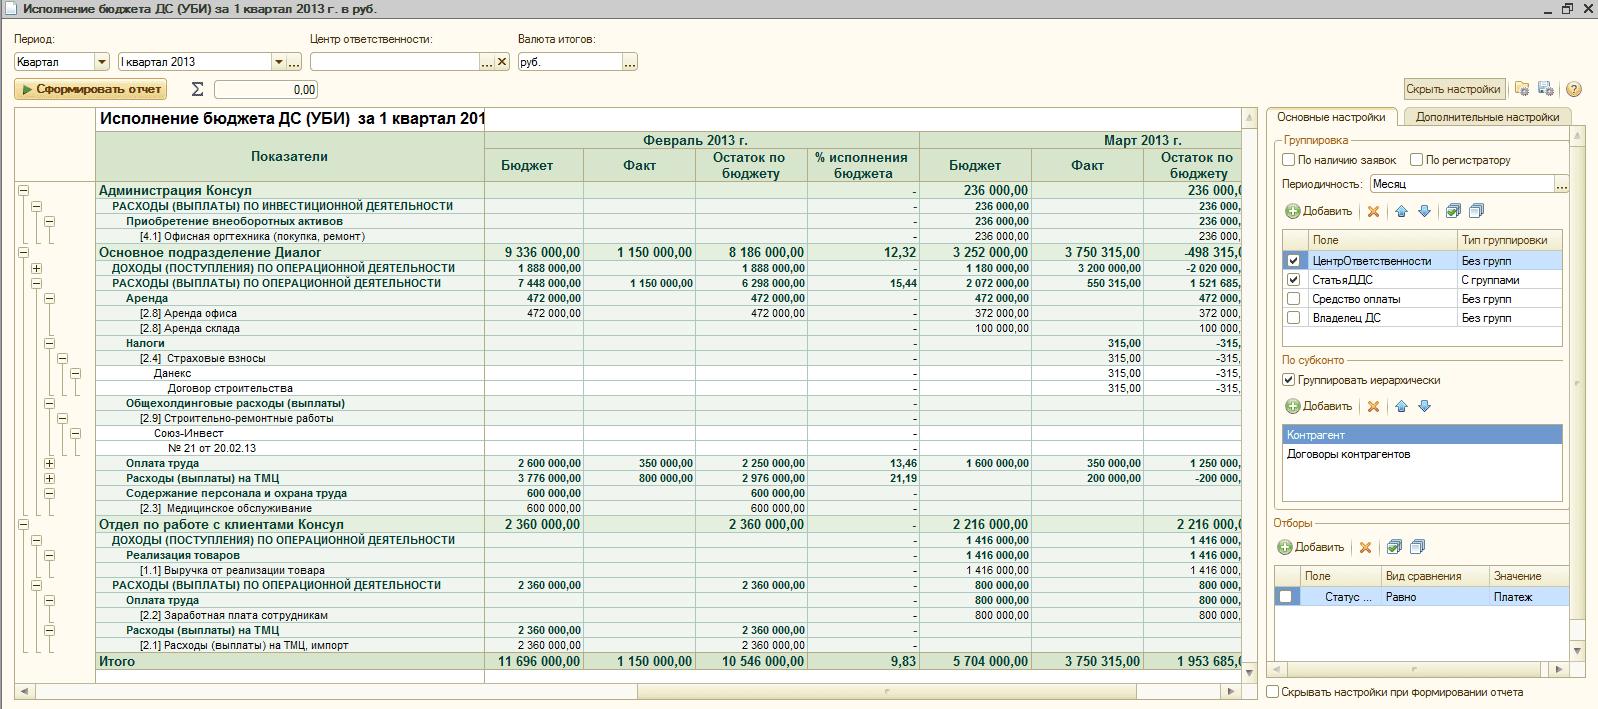 Как сделать бюджет на предприятии